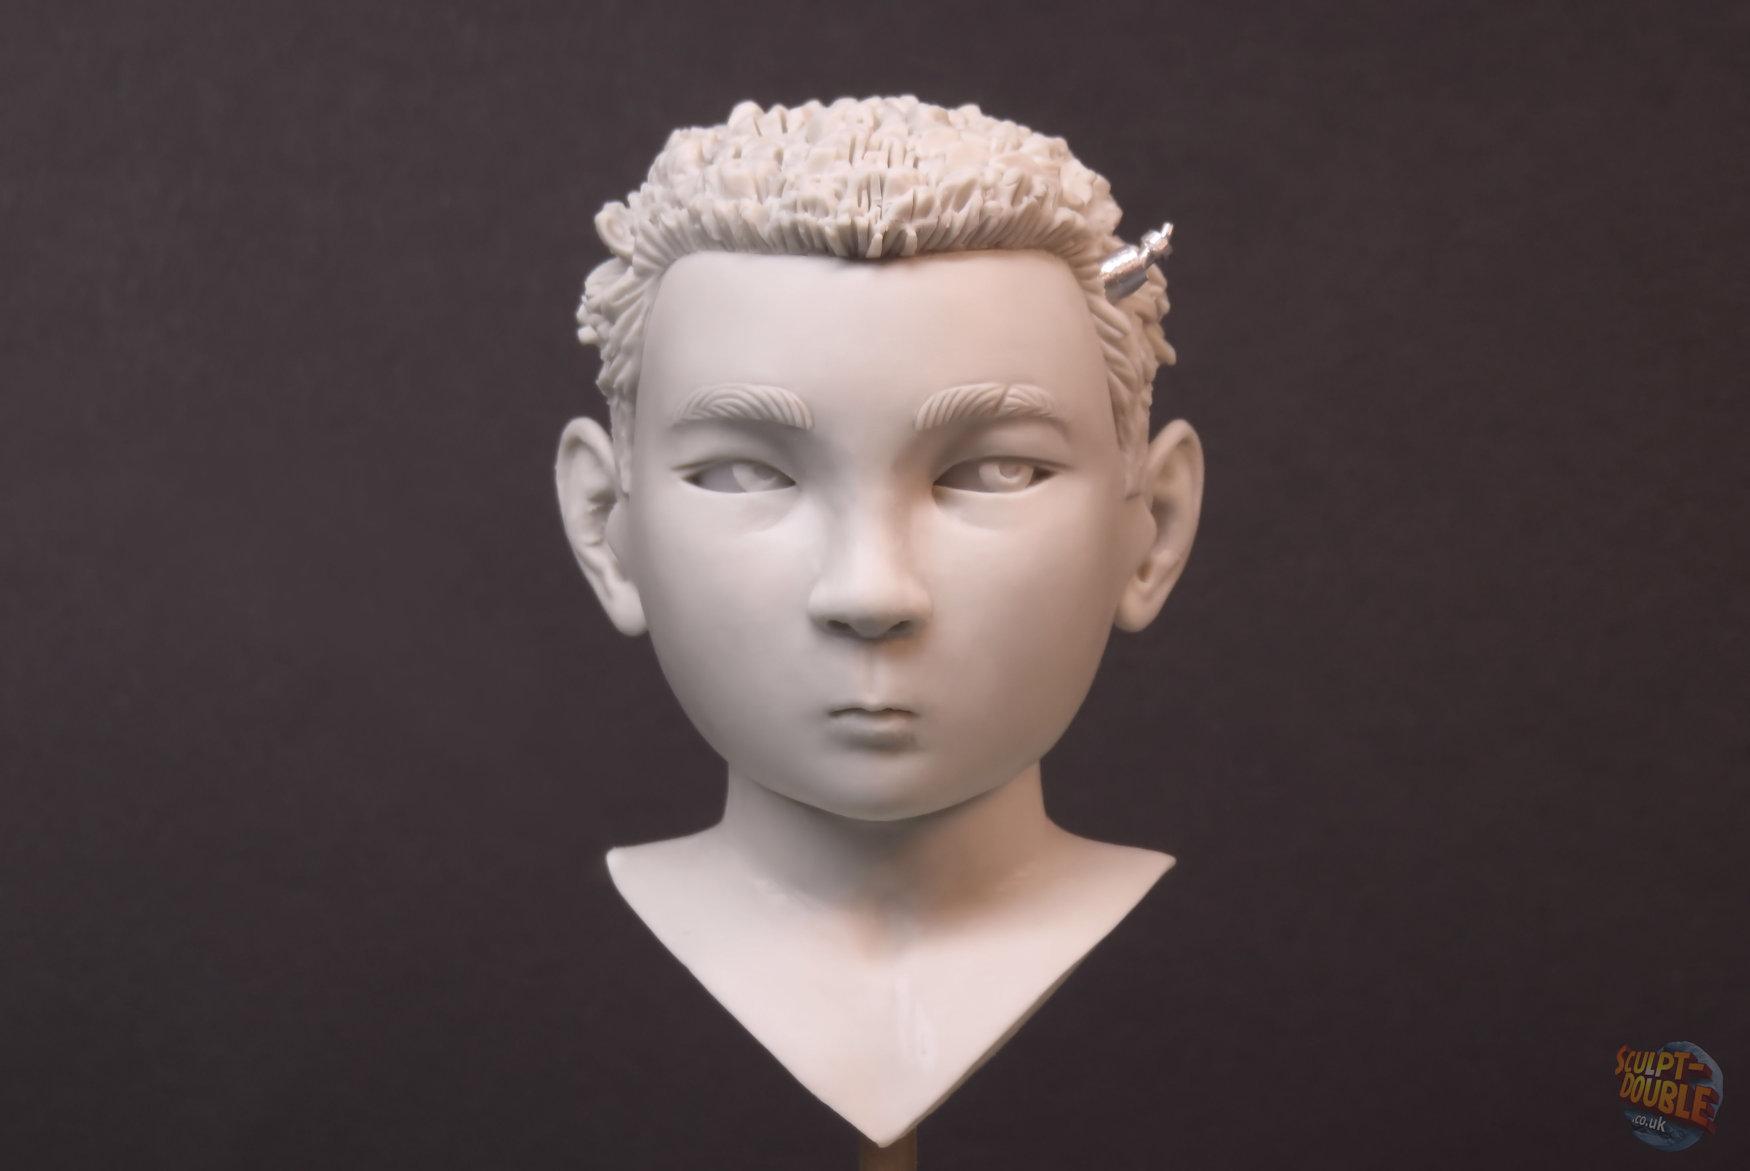 Atari -Hero head sculpt